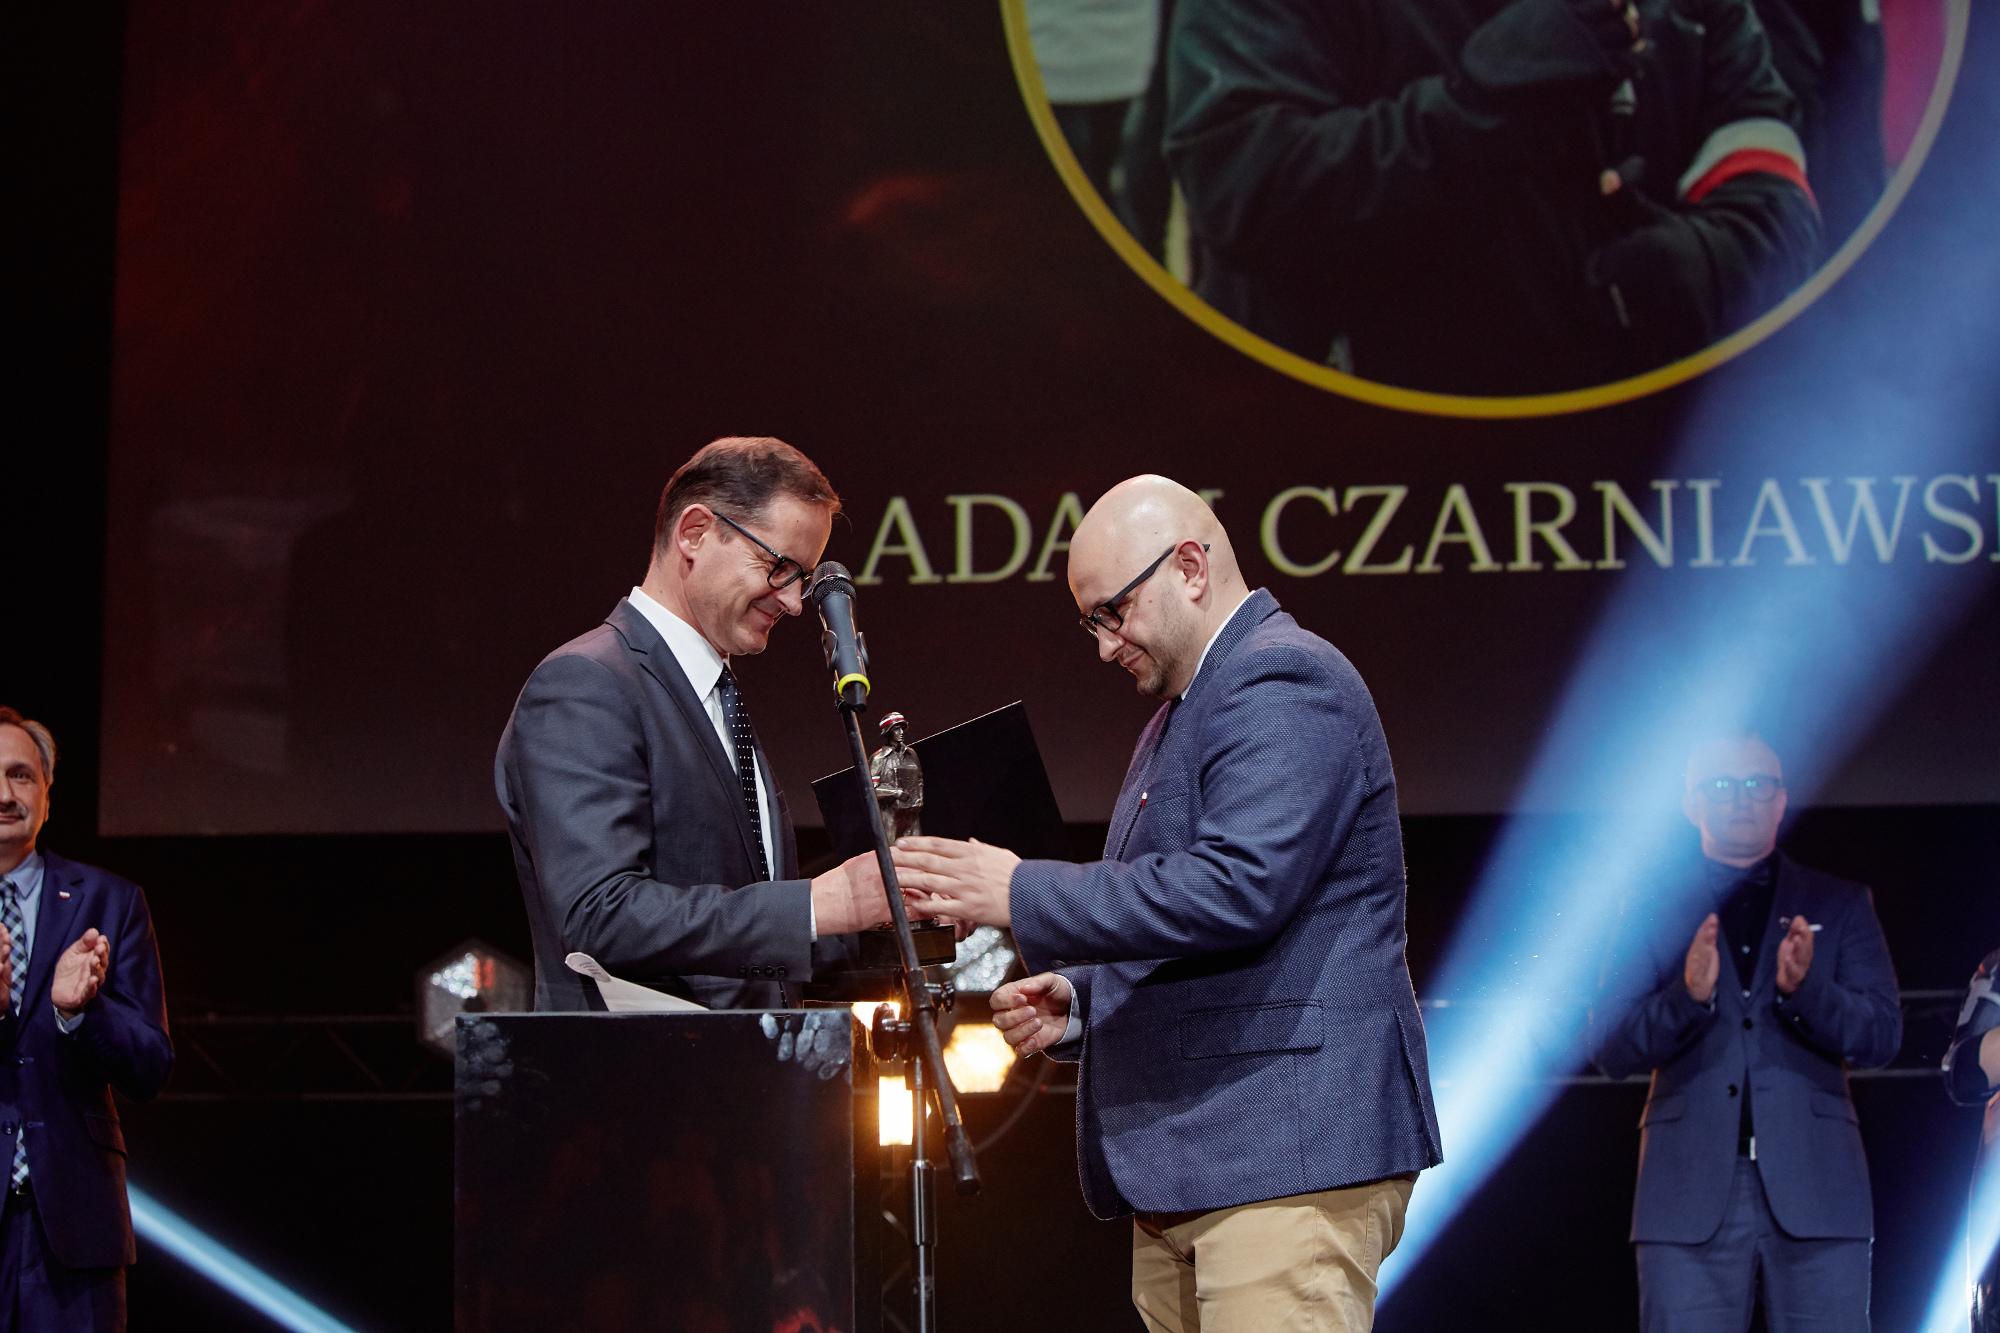 Nagroda_BohaterONy_2019_gala_fot_Michał_Moryl (55)